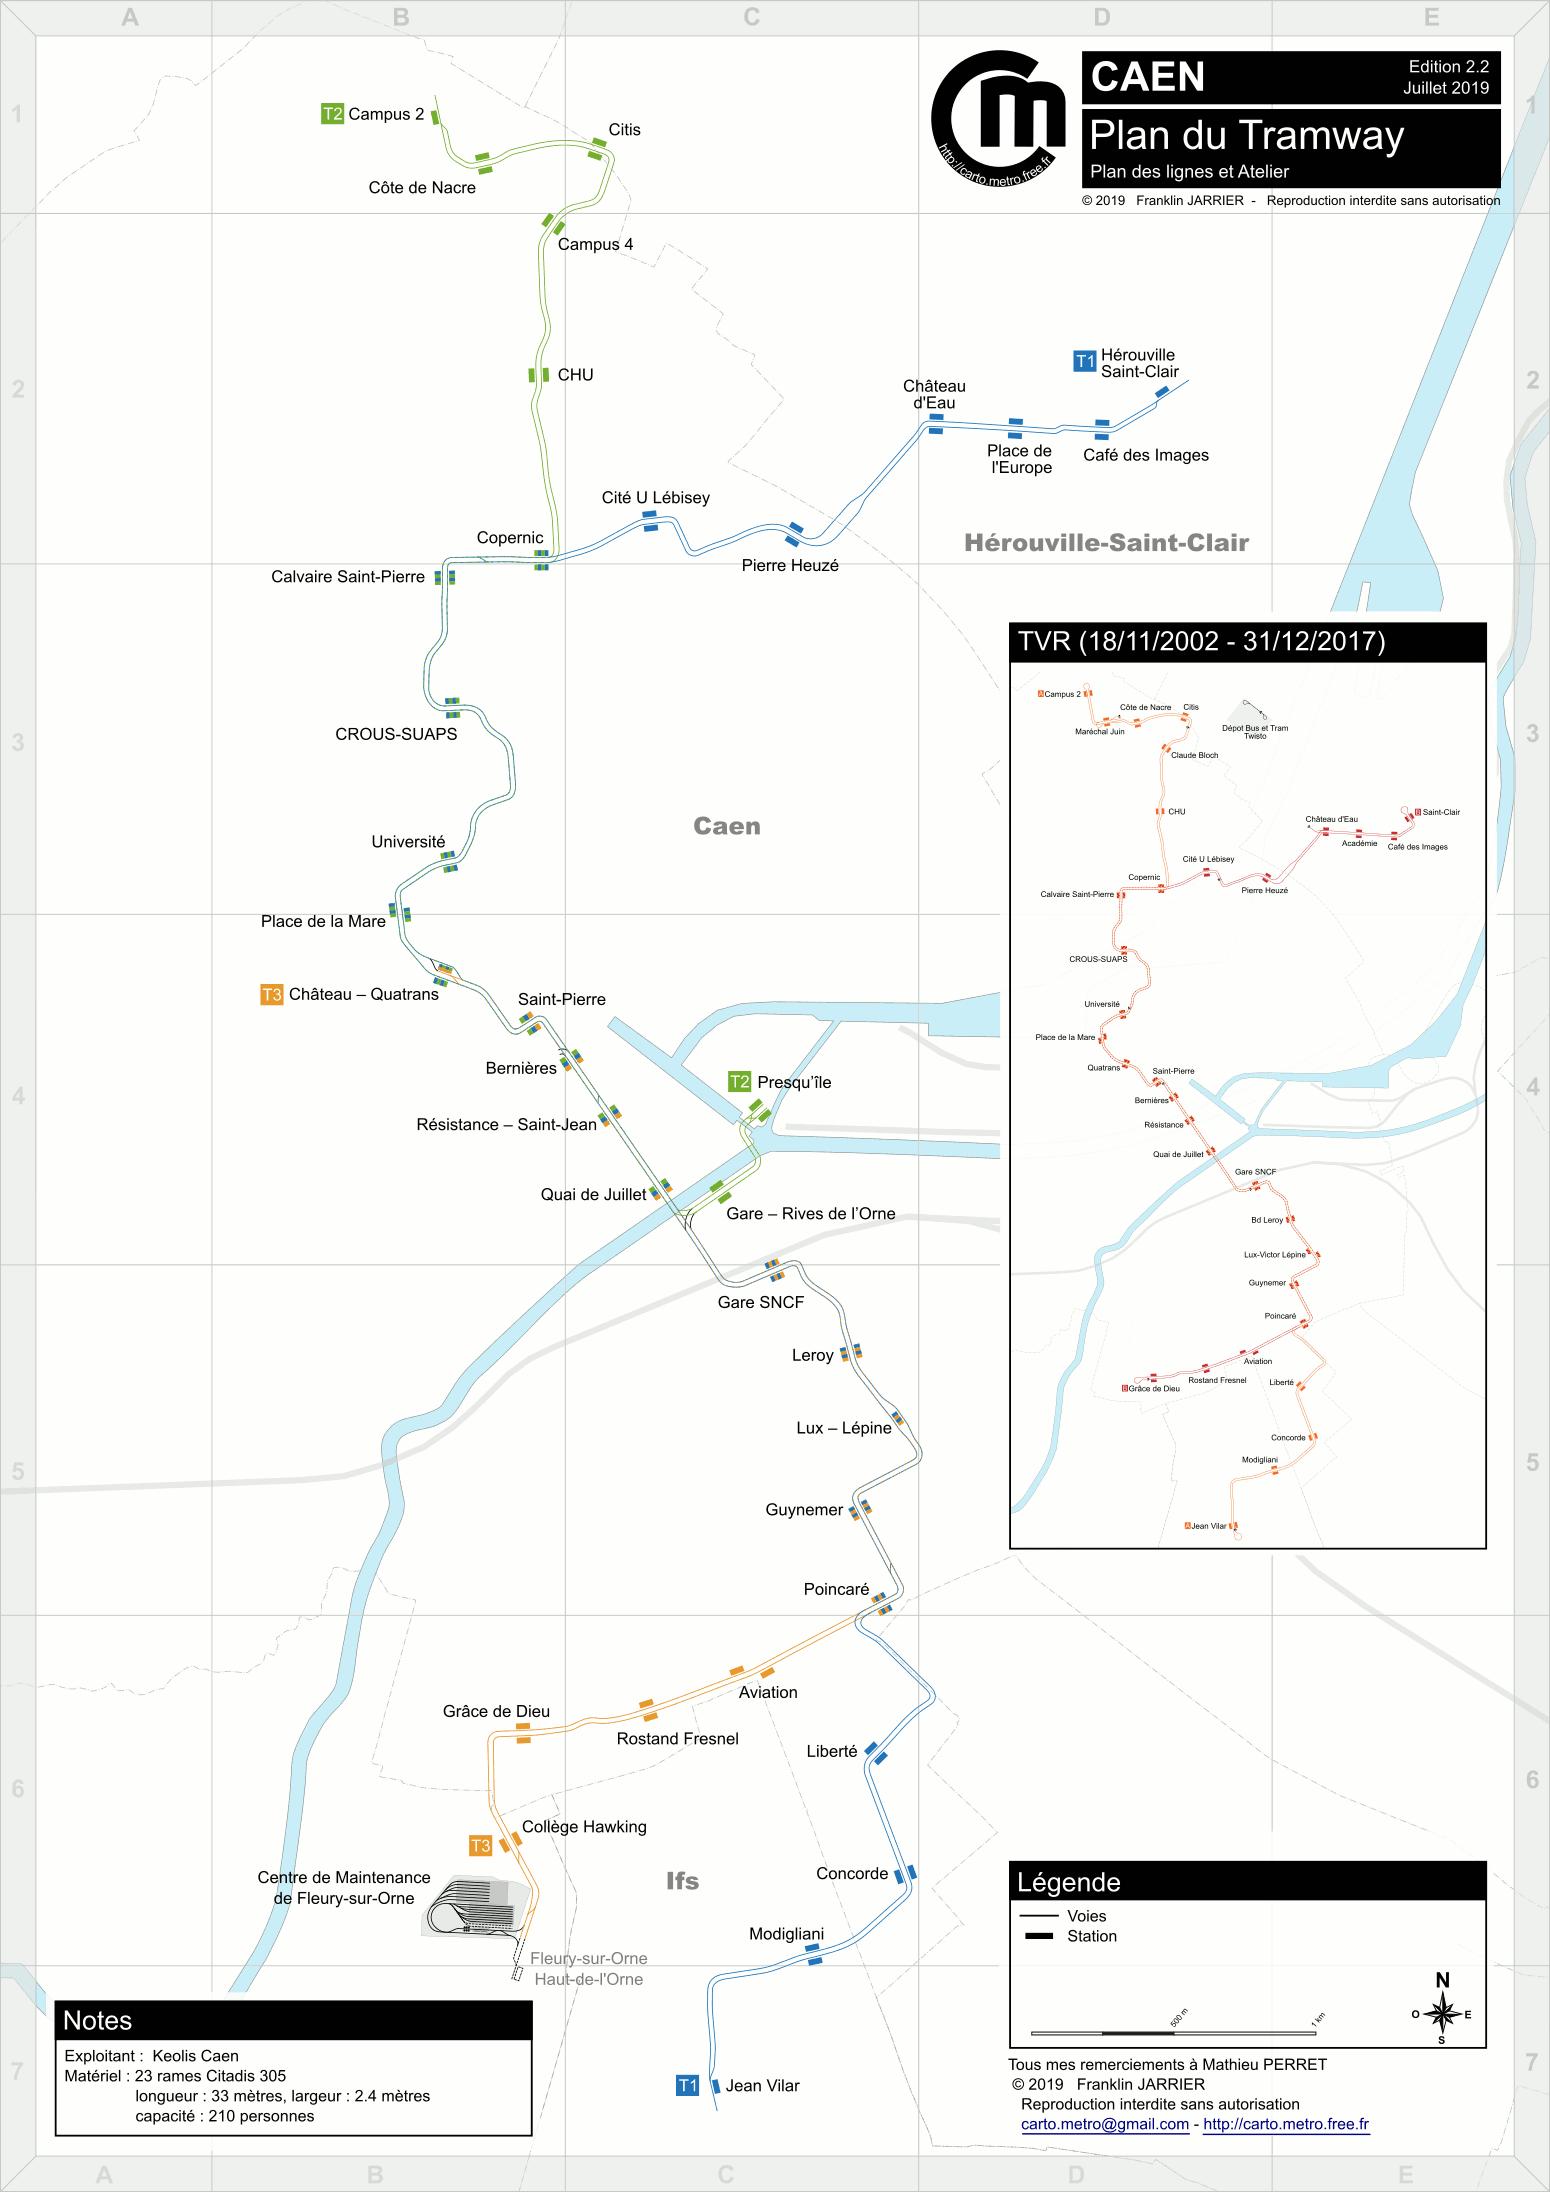 Seoul Subway Map English 2014.Detailled Tracks Map Paris Lyon Lausanne Milan Turin Tracks Maps